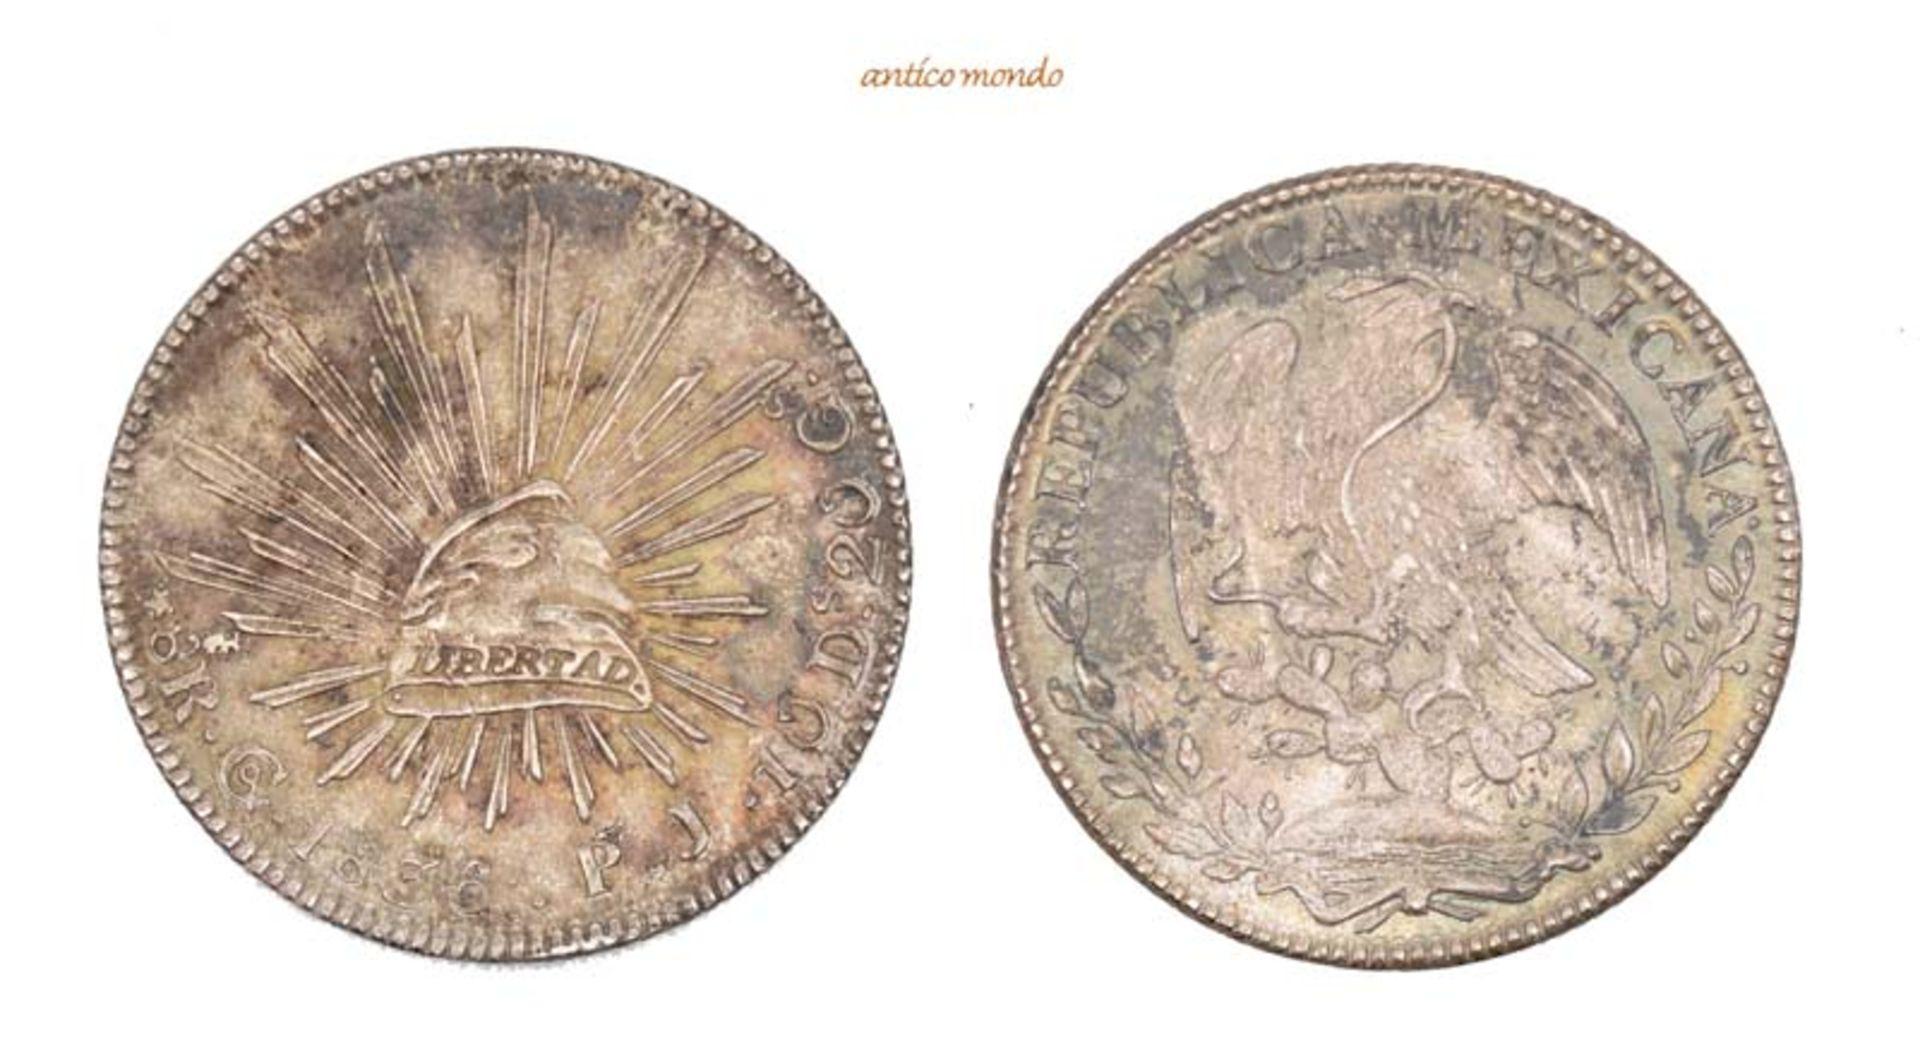 Mexiko, Republik, 8 Reales, 1836, hübsche Patina, vorzüglich +, 27,12 g- - -21.50 % buyer's